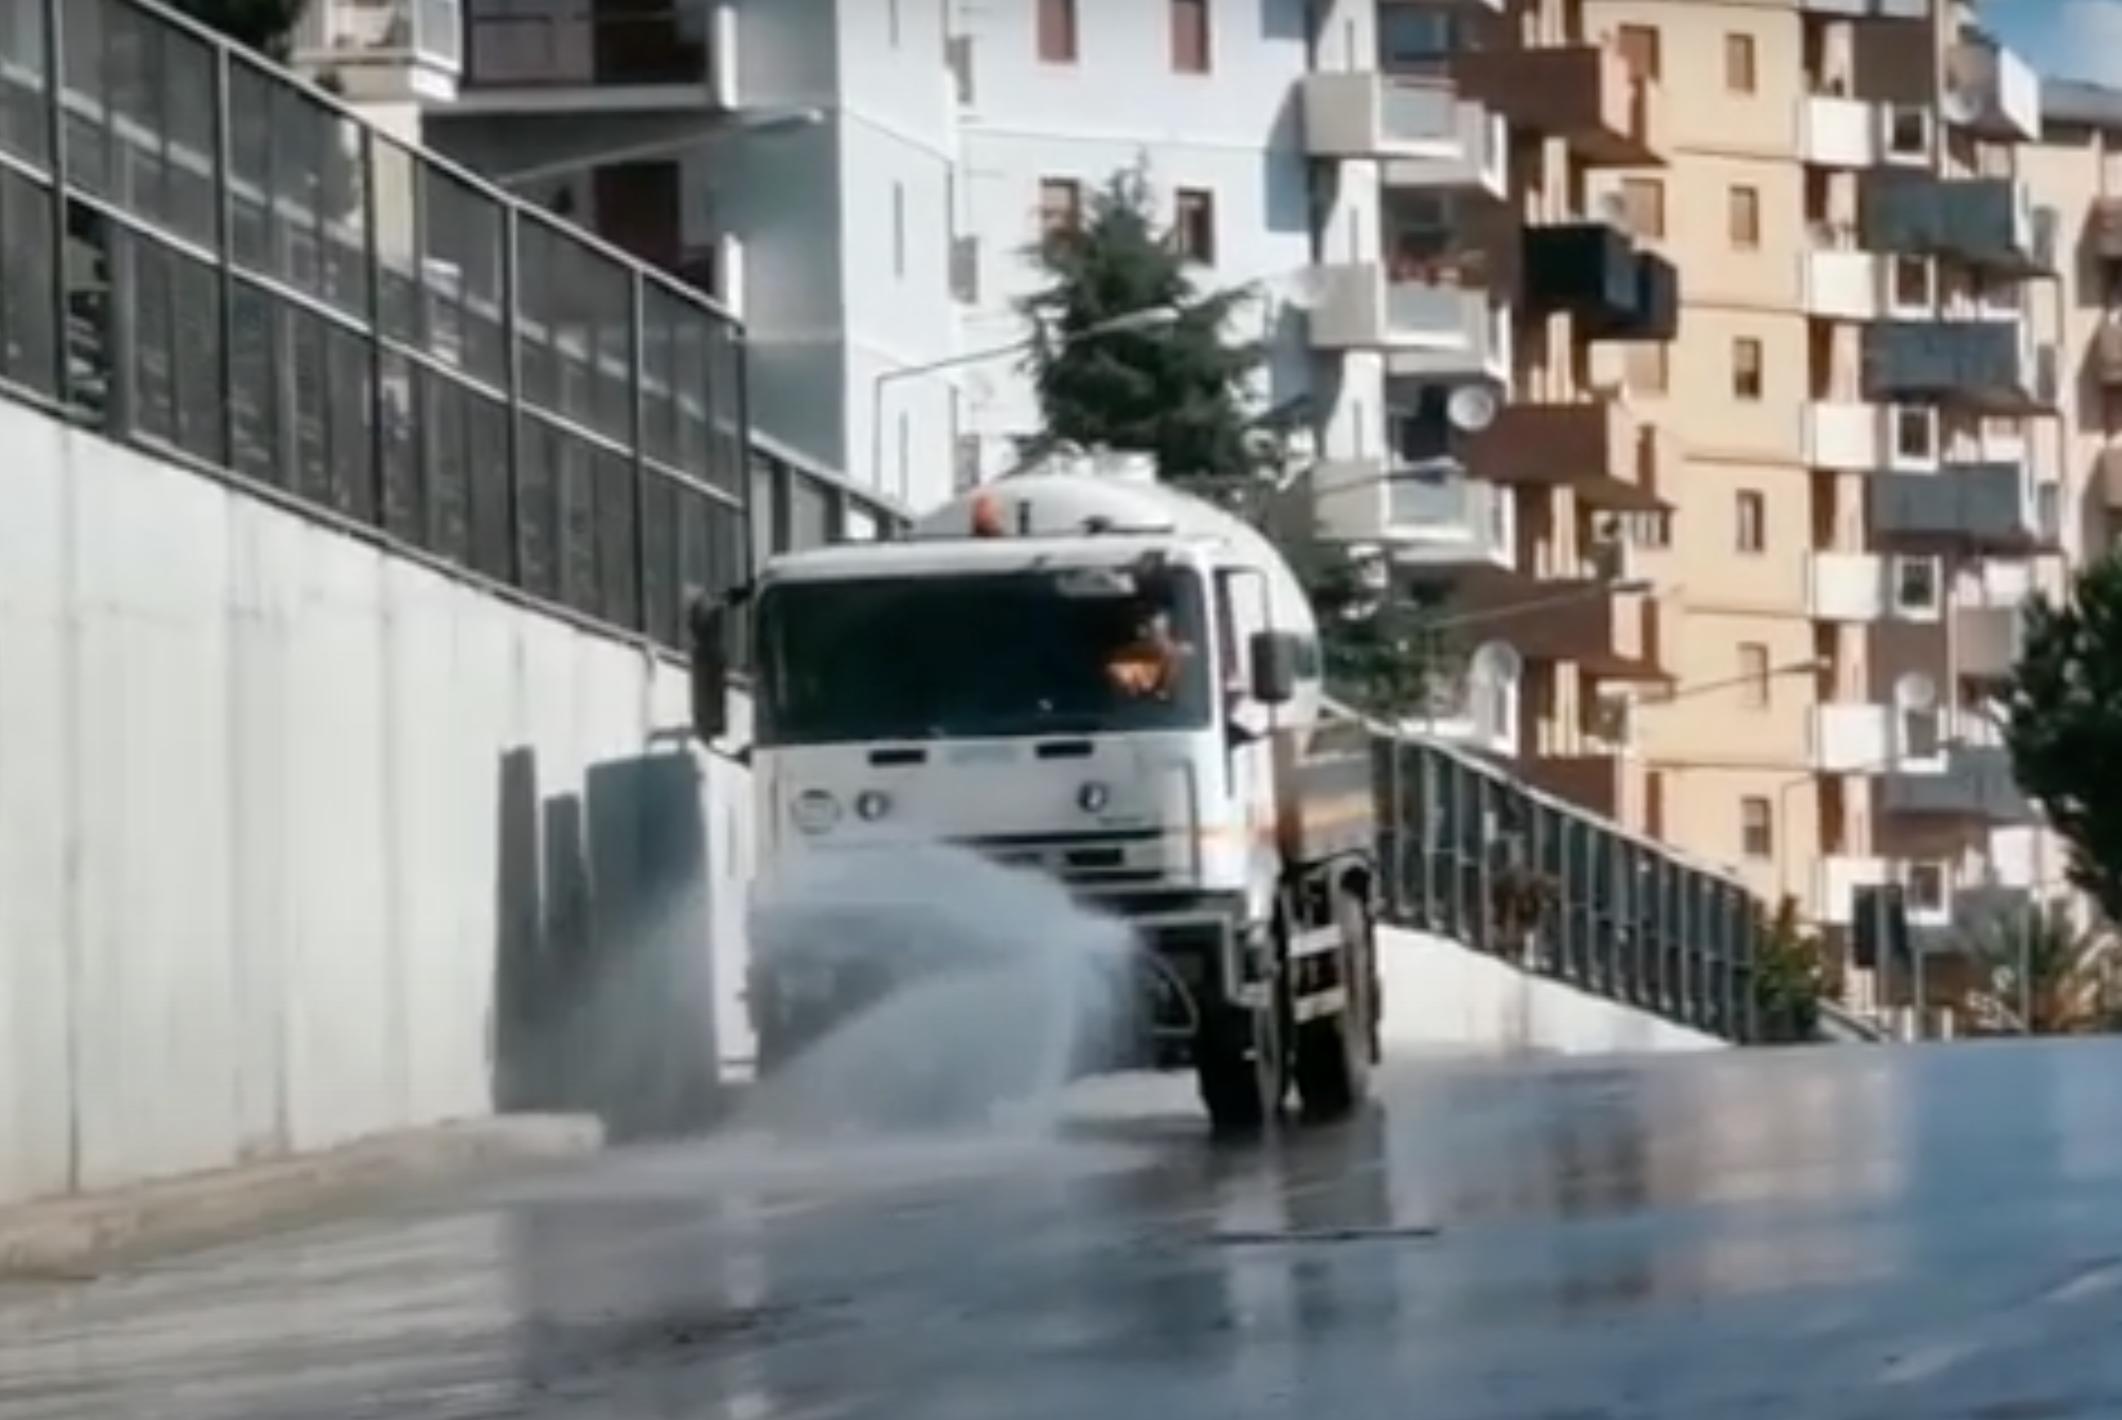 Alluvione di Palermo: riaperture al pubblico dei sottopassi di via Belgio, via Lazio e via Leonardo Da Vinci